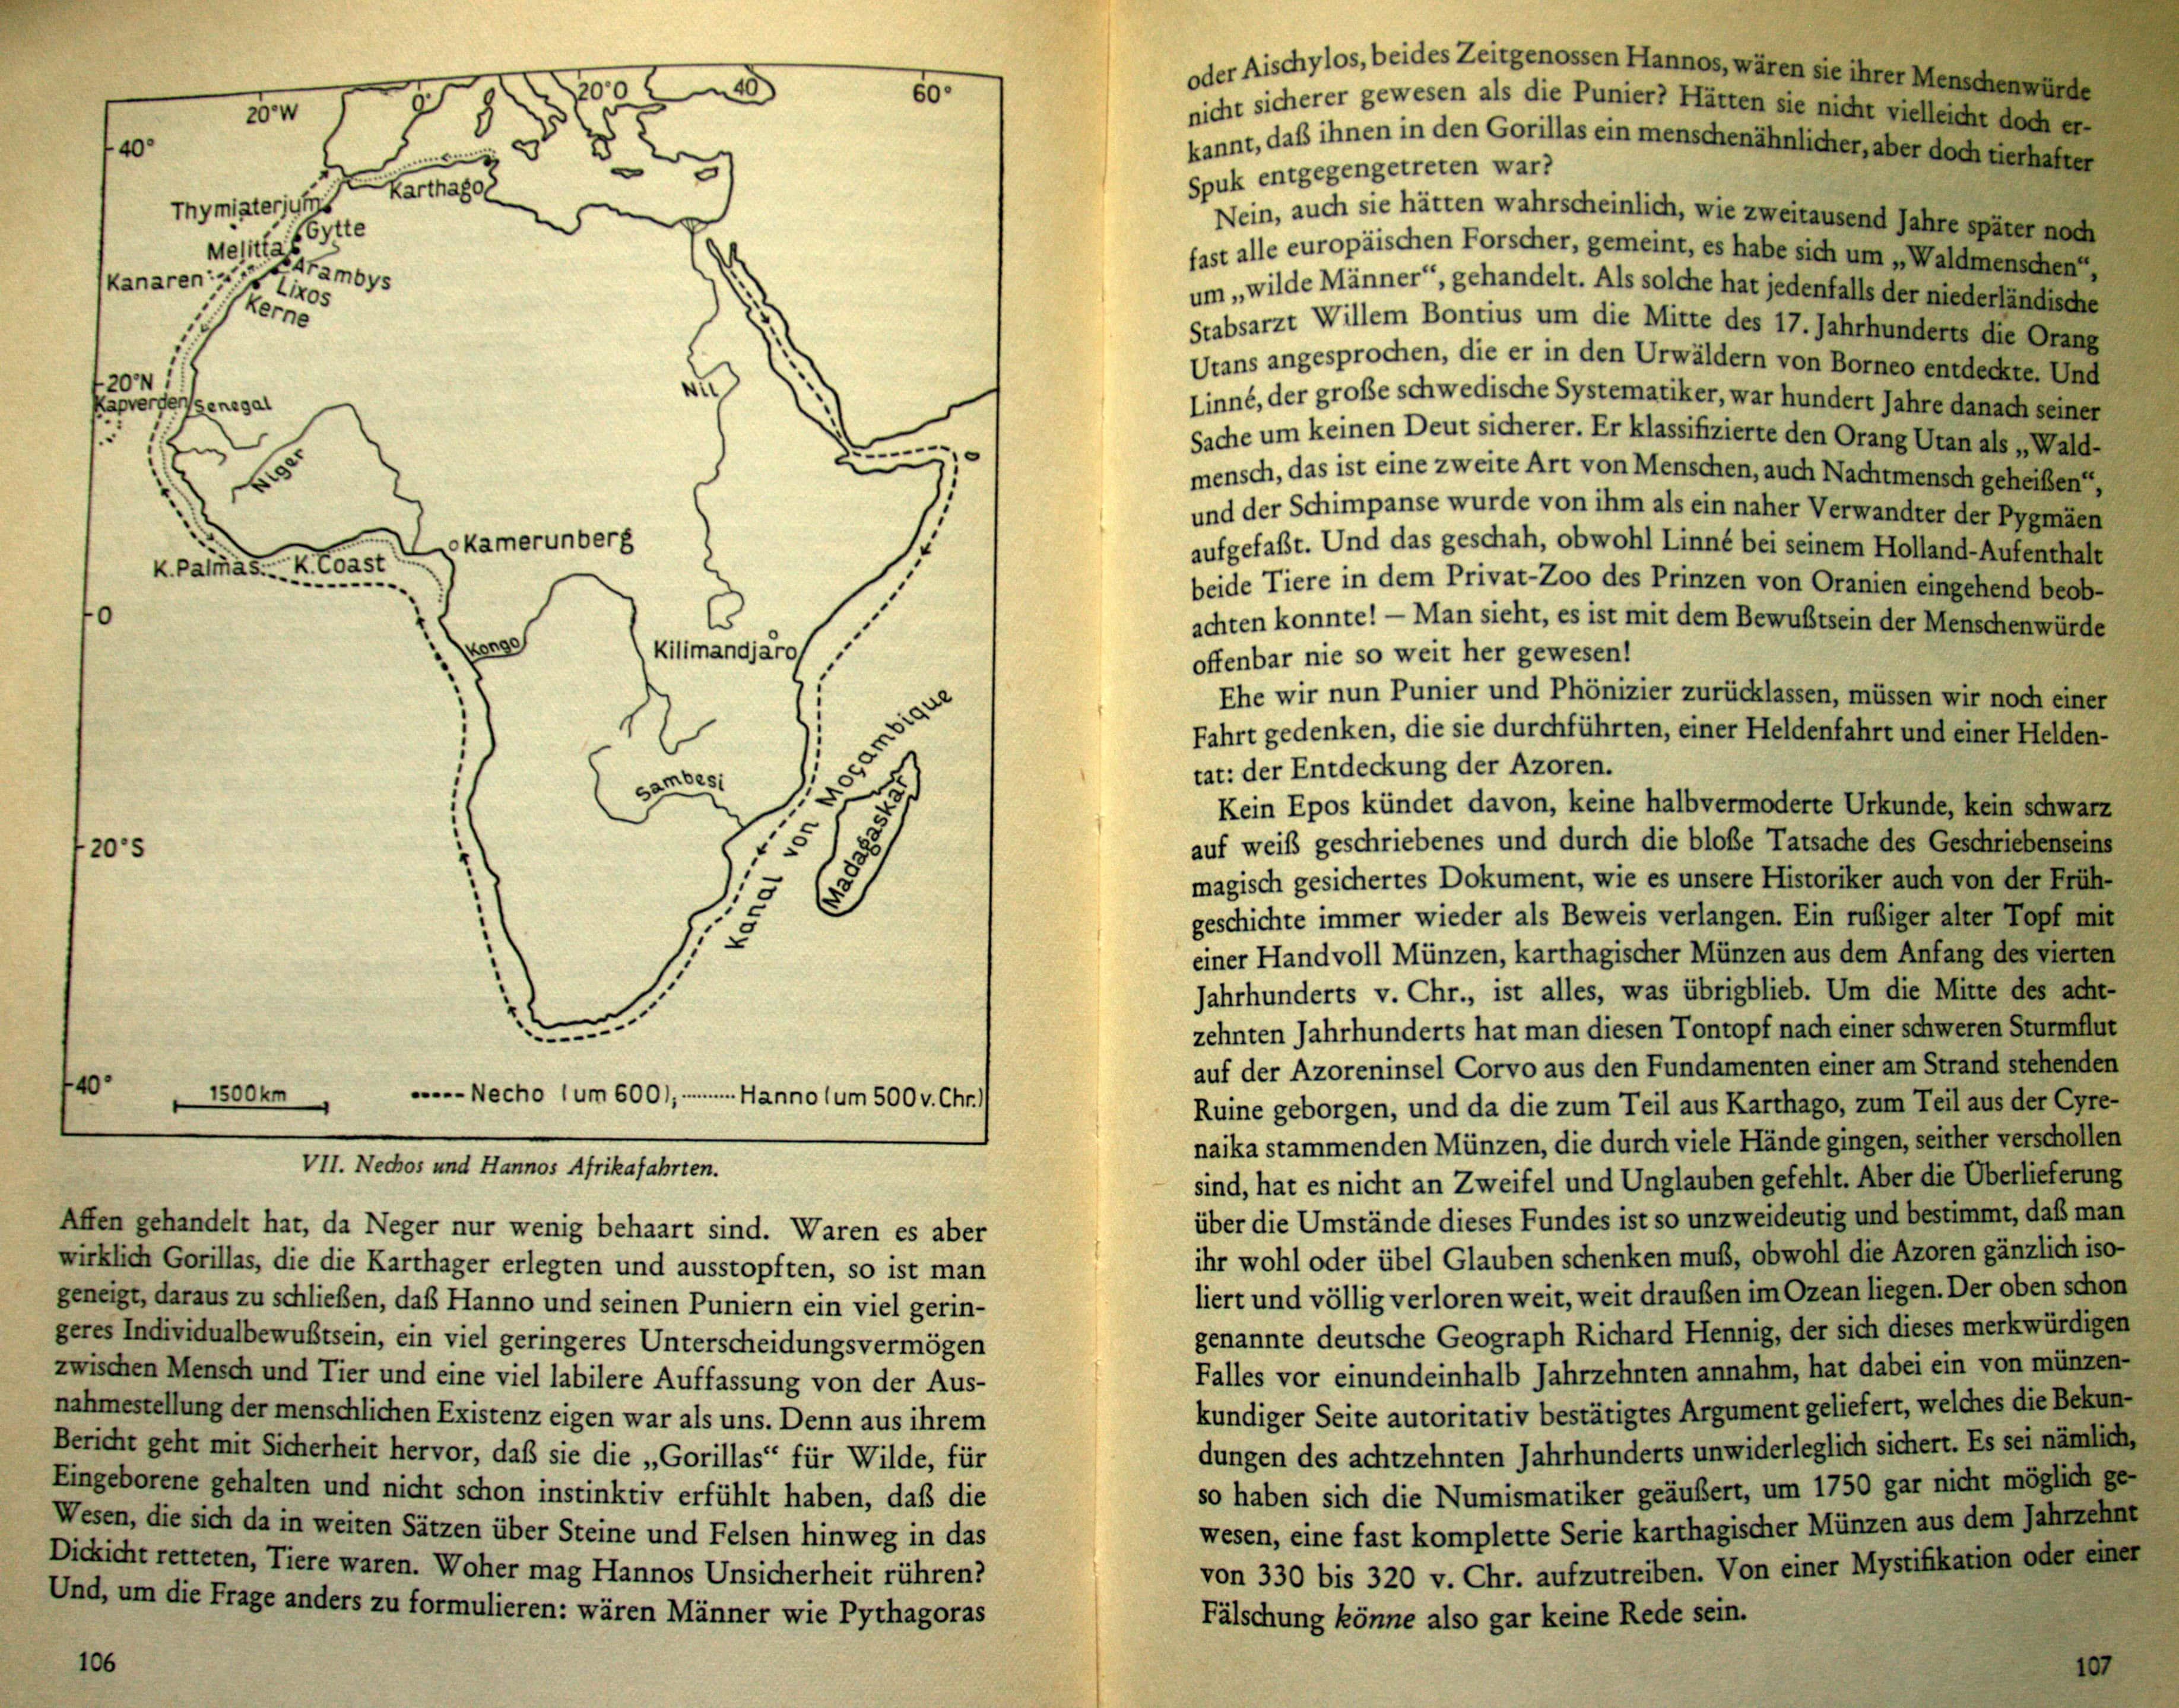 Karte mit Nechos und Hannos Afrikafahrten